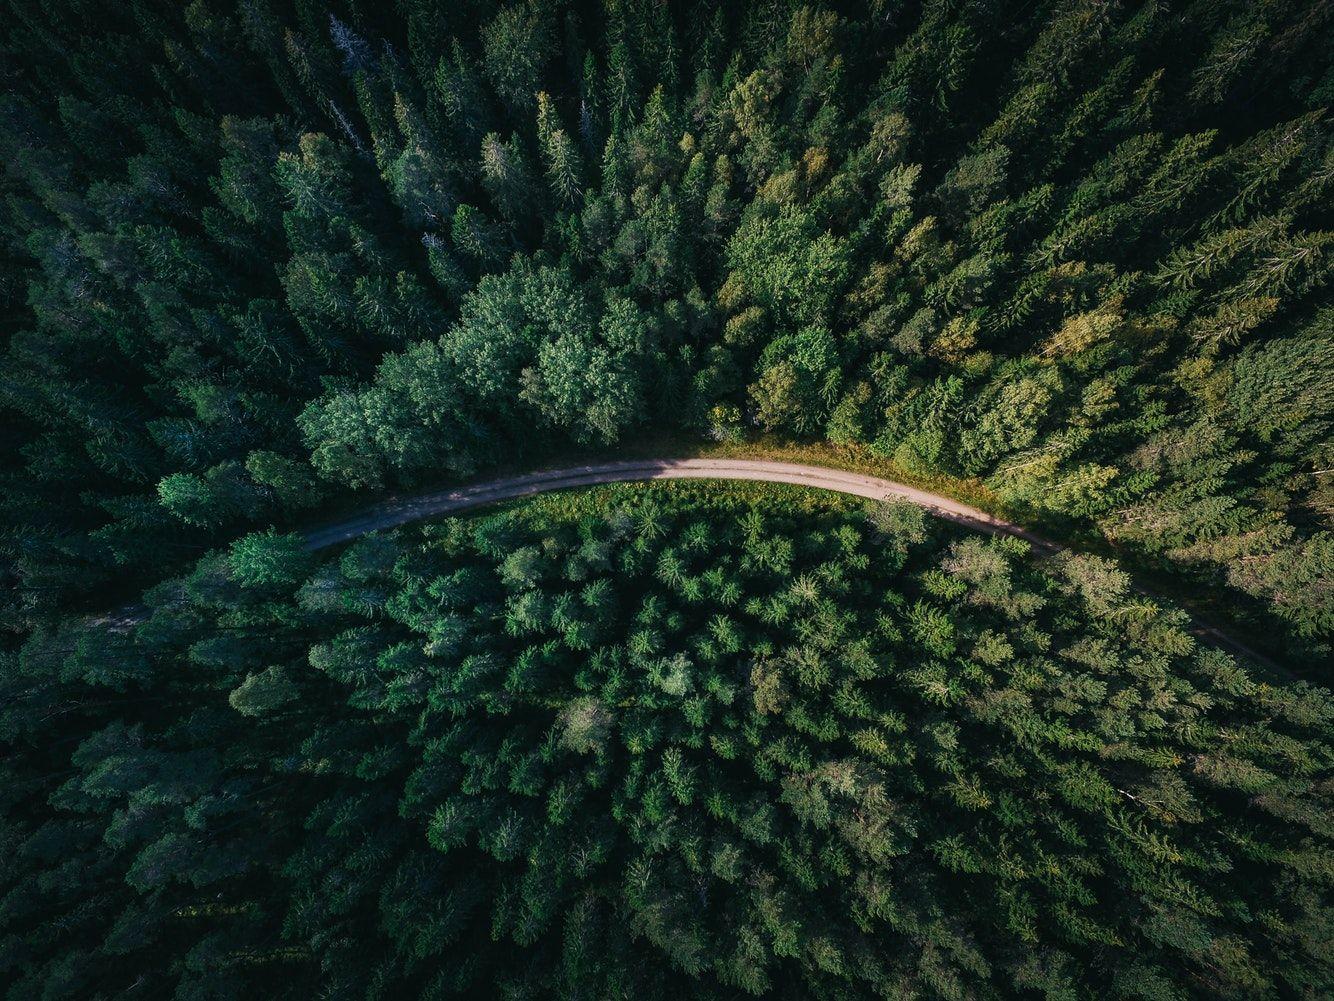 Tree Road Forest And Aerial View Hd Photo By Geran De Klerk Geran On Unsplash Aerial Photography Drone Forest Road Aerial View Hd wallpaper forest trees aerial view